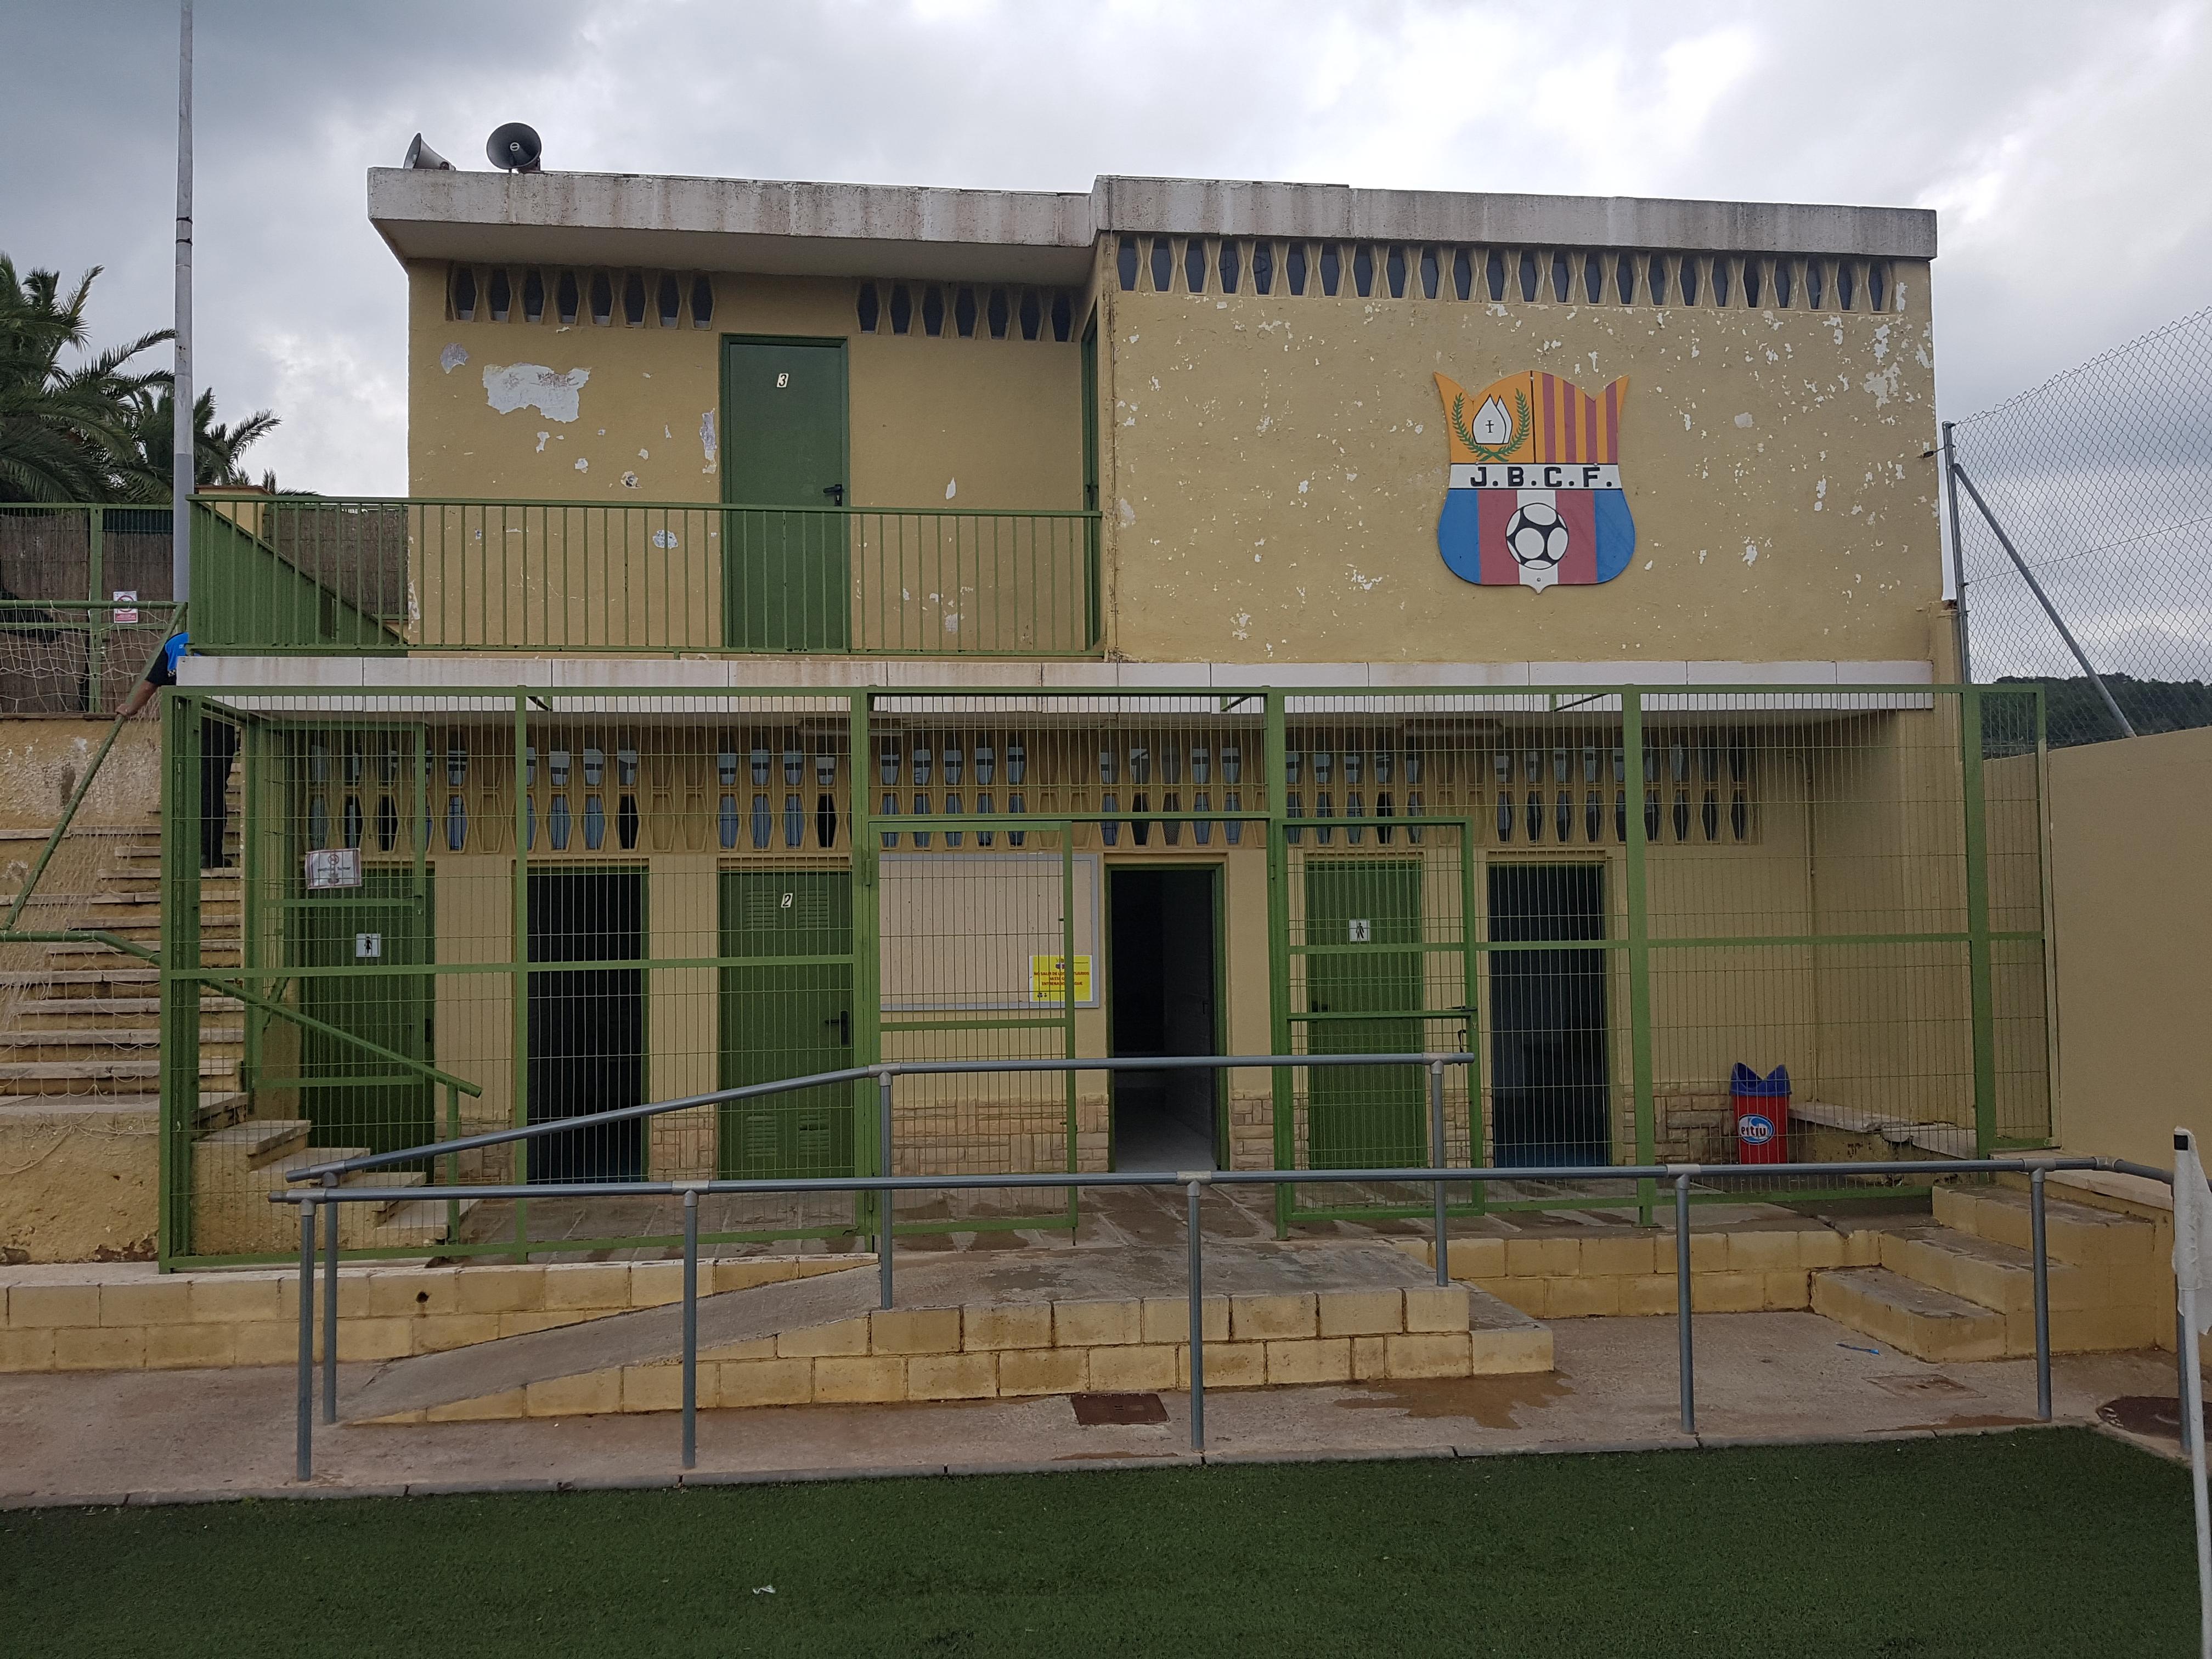 Ja han començat les obres de rehabilitació dels vestidors del camp de futbol